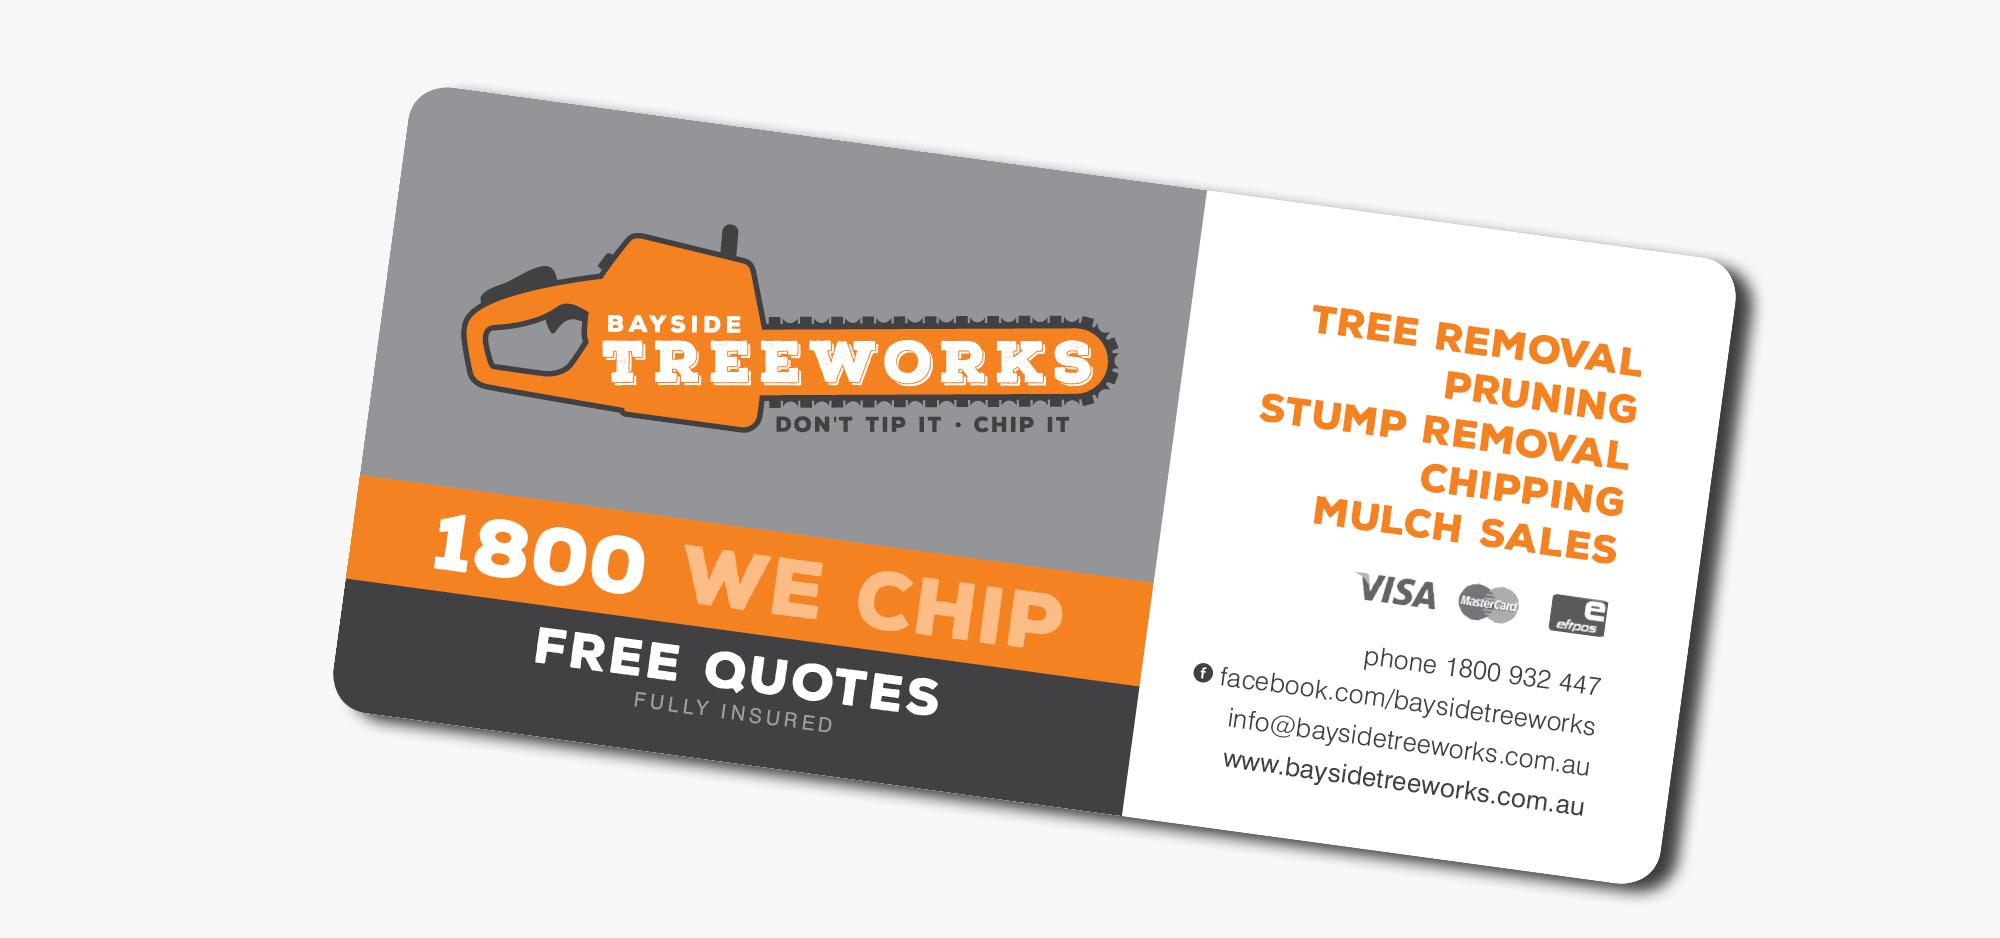 DL Flyer Design Bayside treeworks2